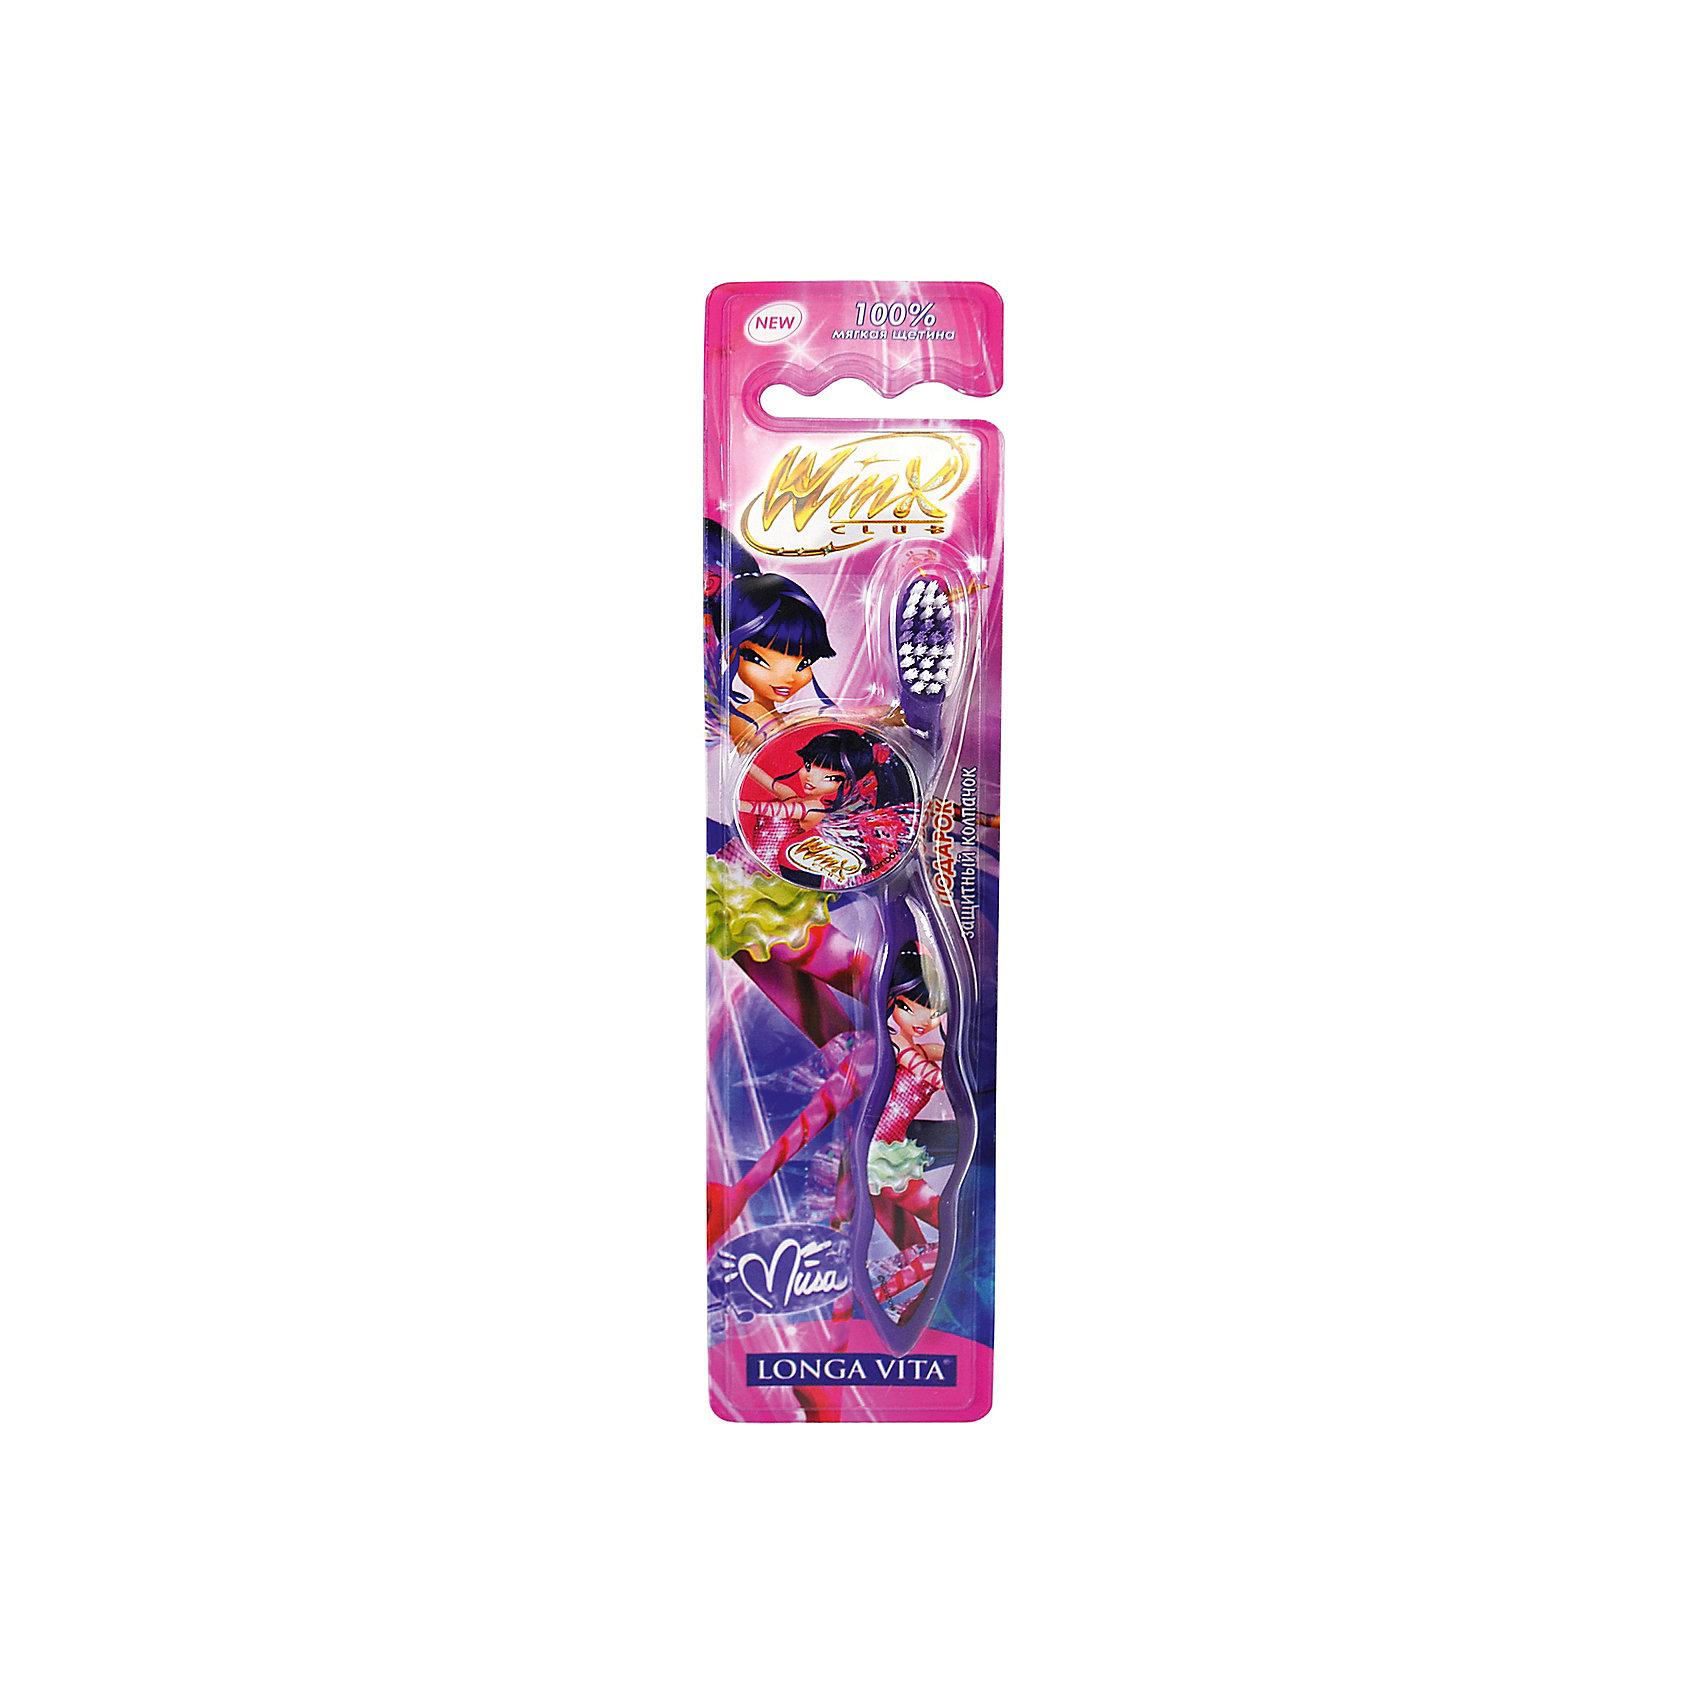 Детская зубная щетка Winx с защитным колпачком , арт. WX-1 , LONGA VITA, фиолетовыйДетская зубная щетка Winx с защитным колпачком, арт. WX-1 , LONGA VITA (Лонга Вита), фиолетовая.  <br><br>Характеристика:<br><br><br>• Материал: пластик, нейлон.<br>• Размер упаковки: 23х6х2 см. <br>• Жесткость щетины: мягкая. <br>• Эргономичная ручка<br>• Защитный колпачок в комплекте. <br>• Яркий привлекательный дизайн. <br><br>Яркая зубная щетка с очаровательными Winx (Винск) приведет в восторг вашу маленькую фею! Щетка LONGA VITA очень маневренная, прекрасно очищает ротовую полость и удаляет зубной налет. Благодаря мягкой щетине, она не травмирует нежные детские десны. Защитный колпачок убережет щетку от загрязнения и распространения бактерий, удобная эргономичная ручка препятствует выскальзыванию. Привлекательный дизайн и изображения любимых героинь сделают процесс чистки зубов увлекательным и веселым!<br><br>Детскую зубную щетку Winx с защитным колпачком, арт. WX-1 , LONGA VITA (Лонга Вита), фиолетовую, можно купить в нашем магазине.<br><br>Ширина мм: 20<br>Глубина мм: 25<br>Высота мм: 160<br>Вес г: 40<br>Возраст от месяцев: 36<br>Возраст до месяцев: 72<br>Пол: Женский<br>Возраст: Детский<br>SKU: 5130704